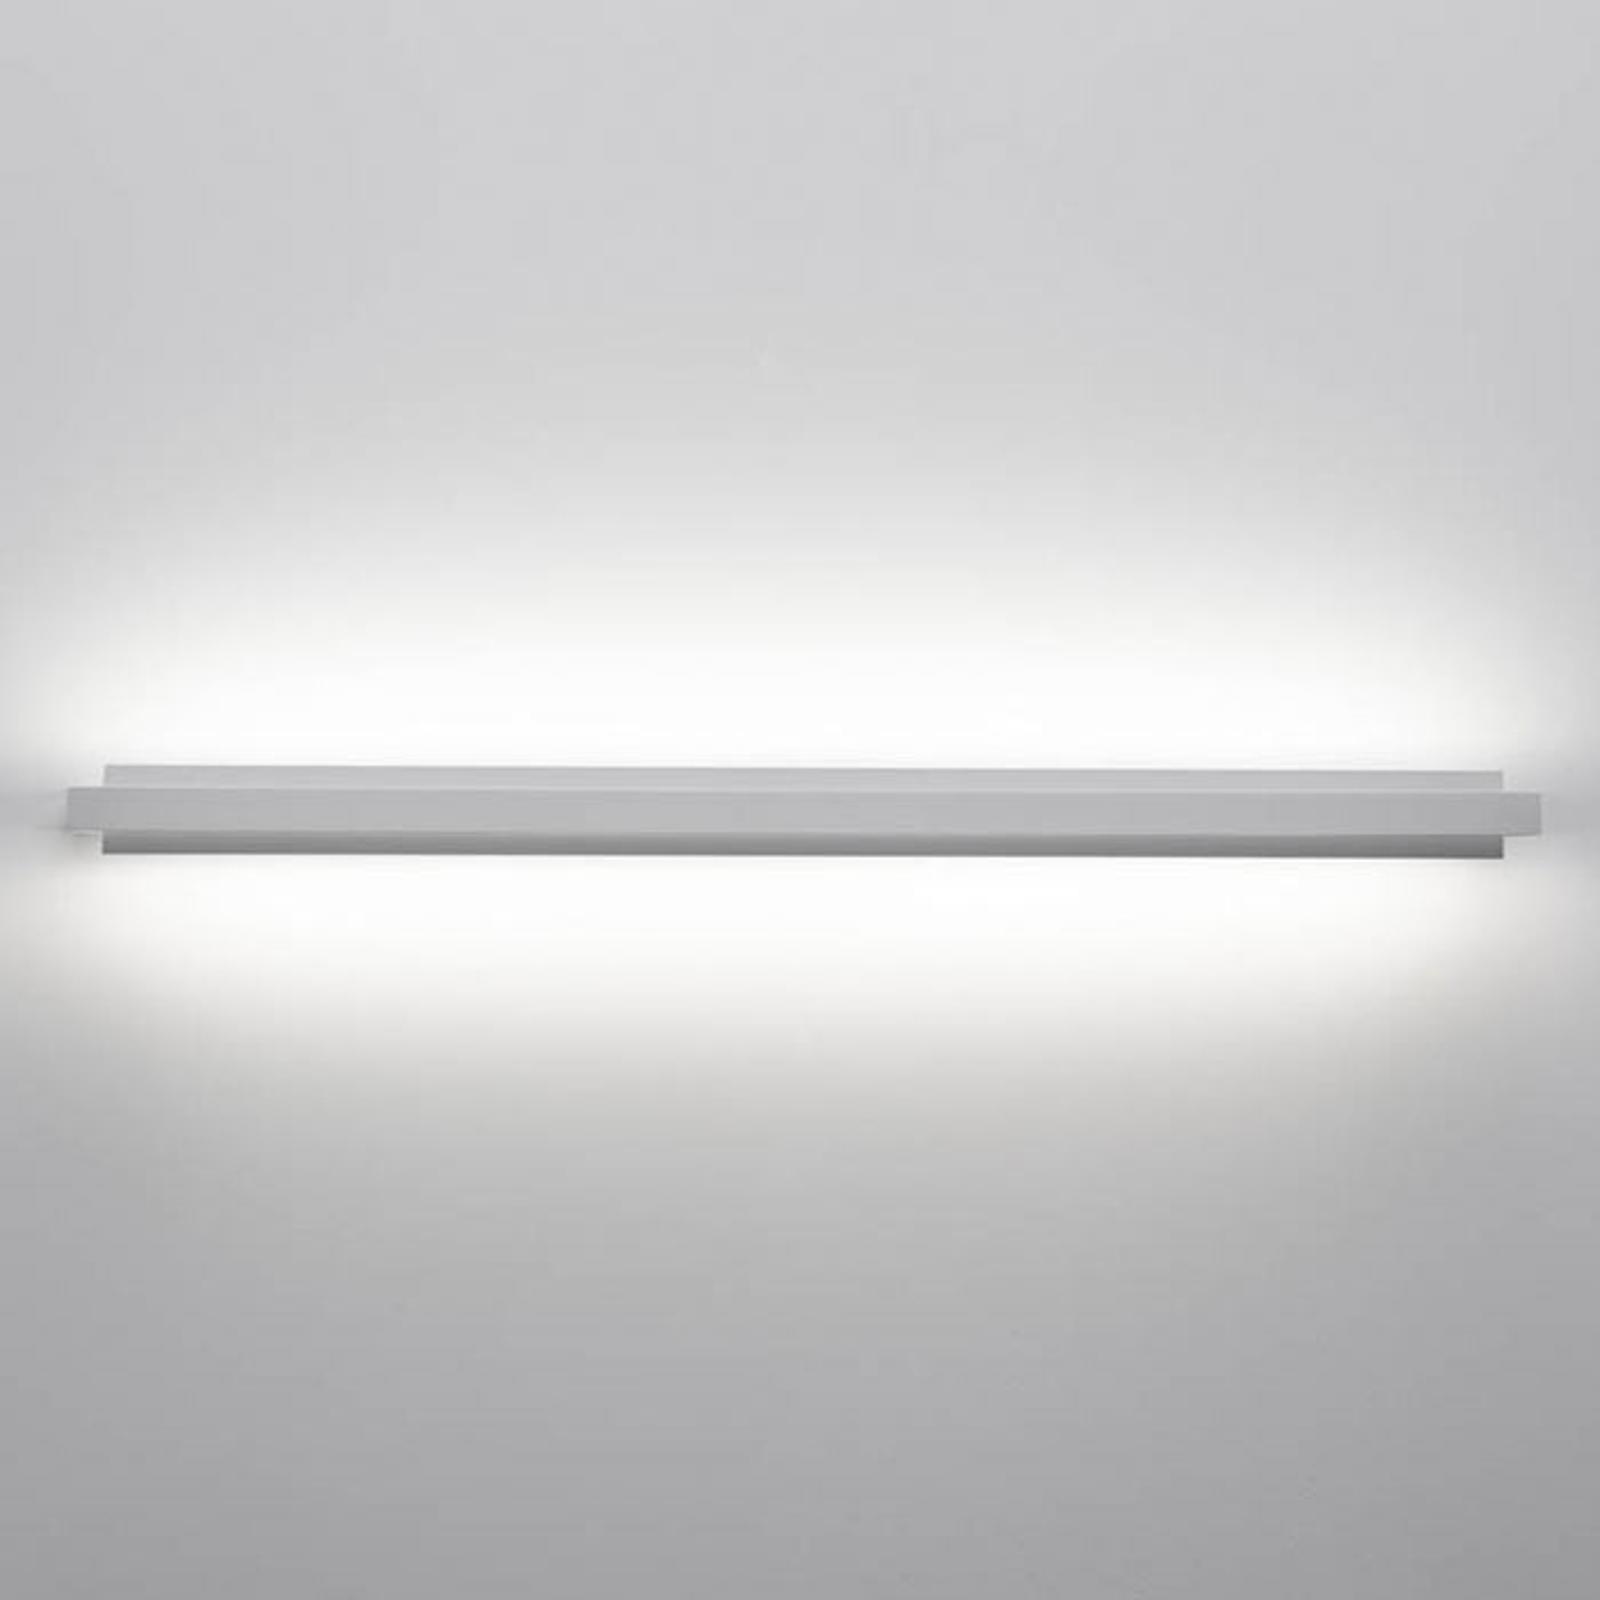 Applique LED Tablet W1, largeur 66cm, blanc